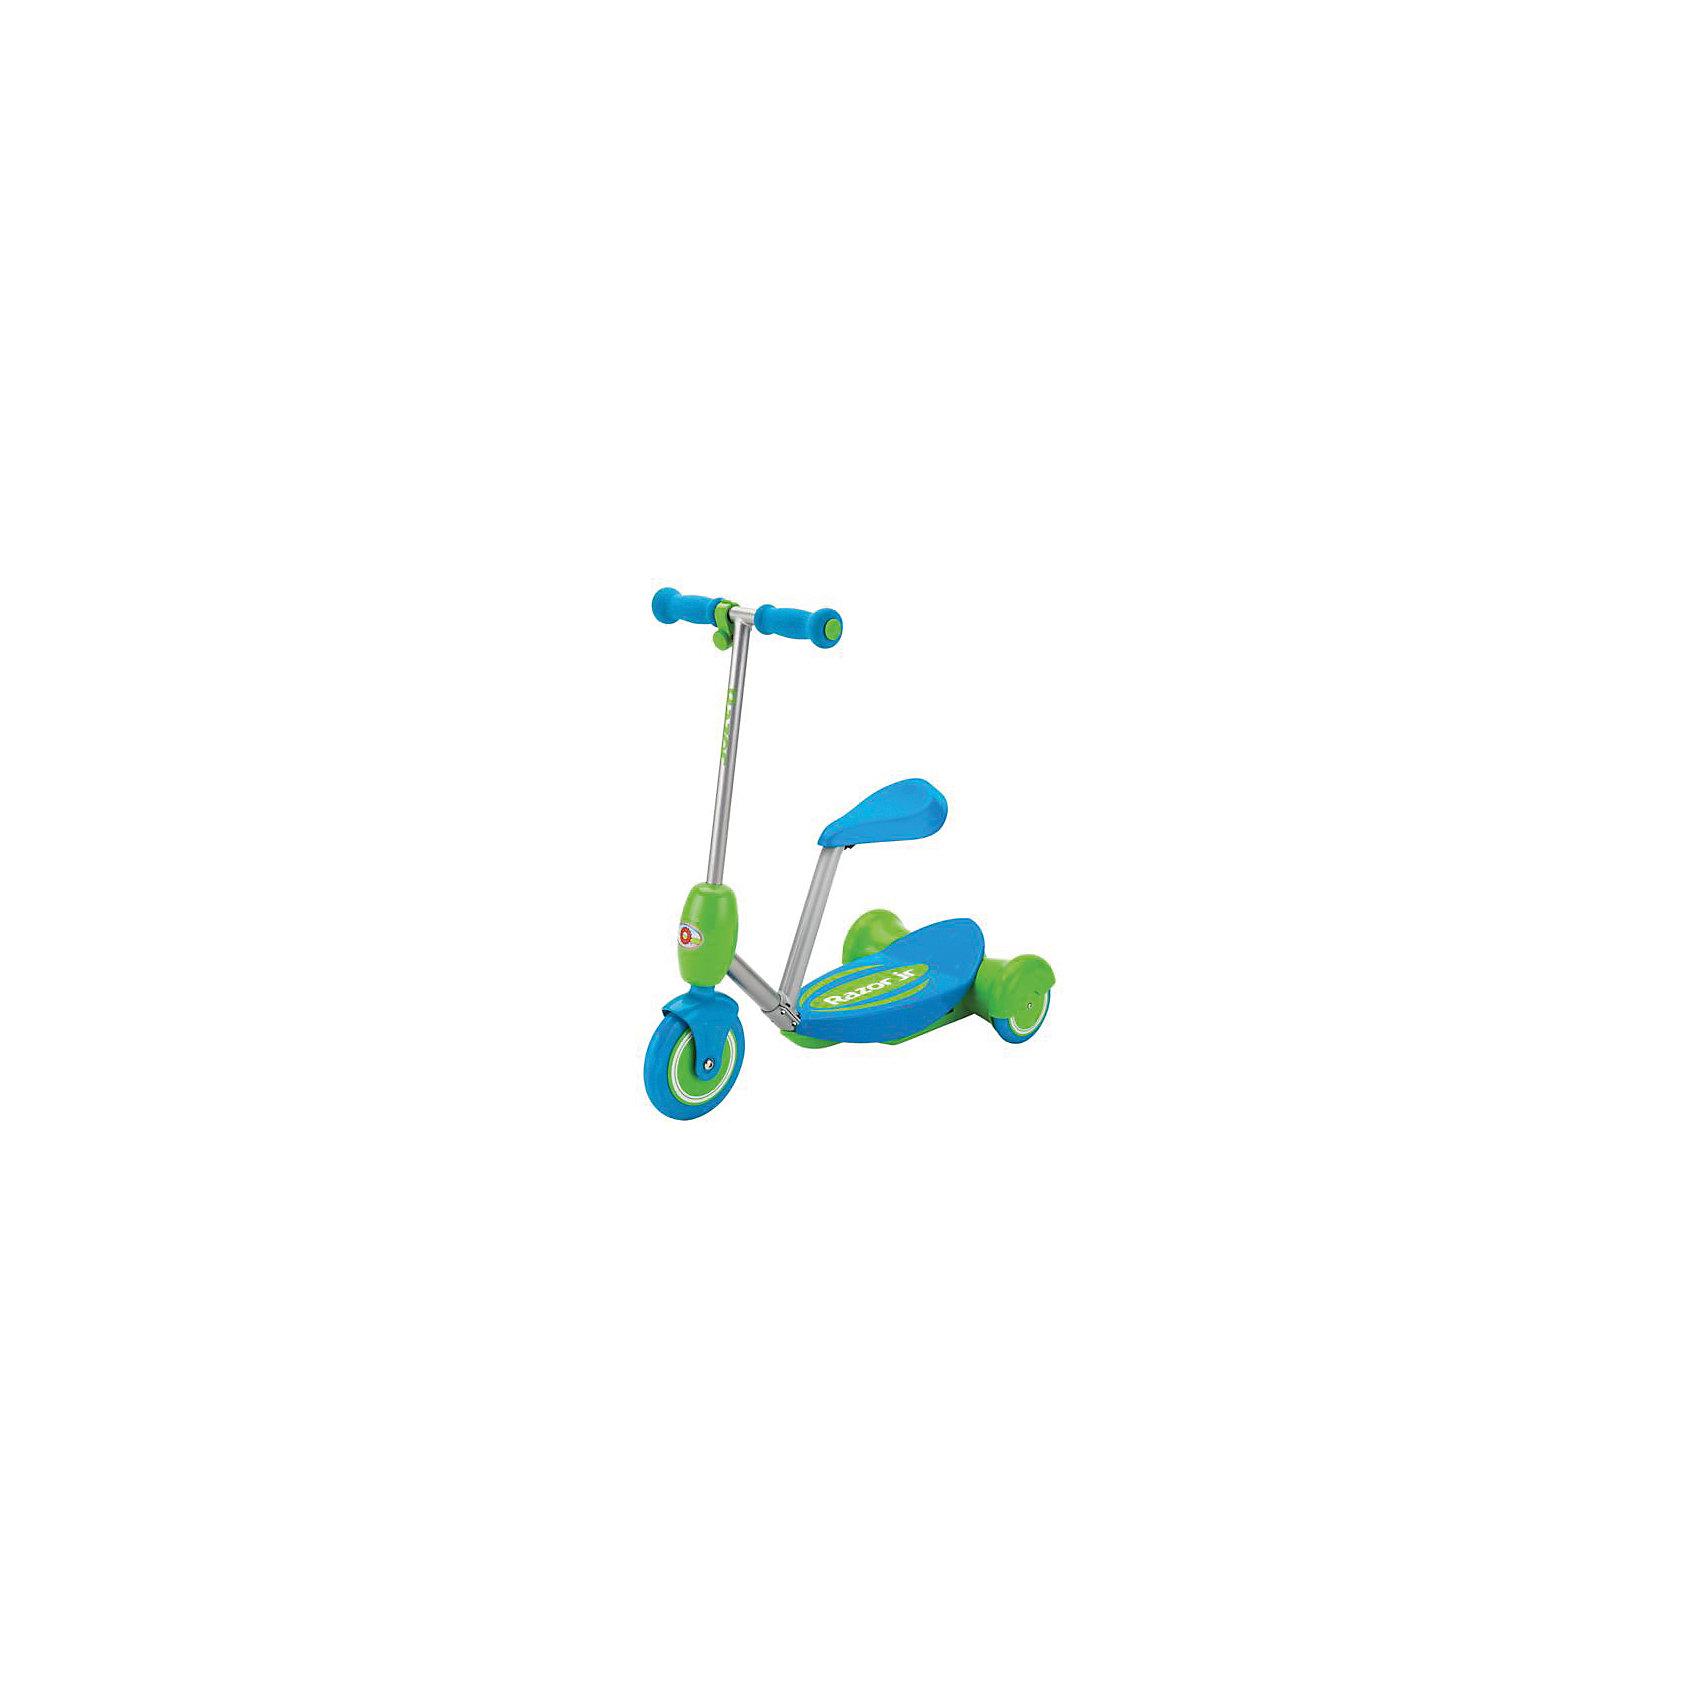 Электро-самокат Lil E, голубой, RazorСамокаты<br>Электро-самокат Lil E, голубой, Razor (Рэзор)<br><br>Характеристики:<br><br>• подходит для детей от 2-х лет<br>• удобное съемное сиденье<br>• кнопка газа находится на руле<br>• тихий электромотор<br>• скорость до 3 км/ч<br>• плавный набор скорости<br>• широкая платформа<br>• мягкие ручки<br>• соответствует всем требованиям безопасности<br>• время работы - 50 минут<br>• остановки при отпускании кнопки газа<br>• аккумулятор 6V<br>• рост ребенка: 80-130 см<br>• максимальная нагрузка: 20 кг<br>• цвет: голубой<br>• размер упаковки: 32х28х64 см<br>• вес: 3050 грамм<br><br>Электро-самокат вызовет восторг у каждого ребенка. Для начинающих гонщиков в комплект входит съемное сиденье, которое защитит от падений при управлении. Управлять самокатом очень просто. <br><br>Кнопка газа находится на руле. Электро-самокат плавно набирает скорость и полностью останавливается при отпускании кнопки газа. Время работы при полной зарядке - 50 минут. Электро-самокат отвечает всем требованиям безопасности. <br><br>Электро-самокат Lil E, голубой, Razor (Рэзор) можно купить в нашем интернет-магазине.<br><br>Ширина мм: 640<br>Глубина мм: 280<br>Высота мм: 320<br>Вес г: 3050<br>Возраст от месяцев: 24<br>Возраст до месяцев: 2147483647<br>Пол: Унисекс<br>Возраст: Детский<br>SKU: 5448969